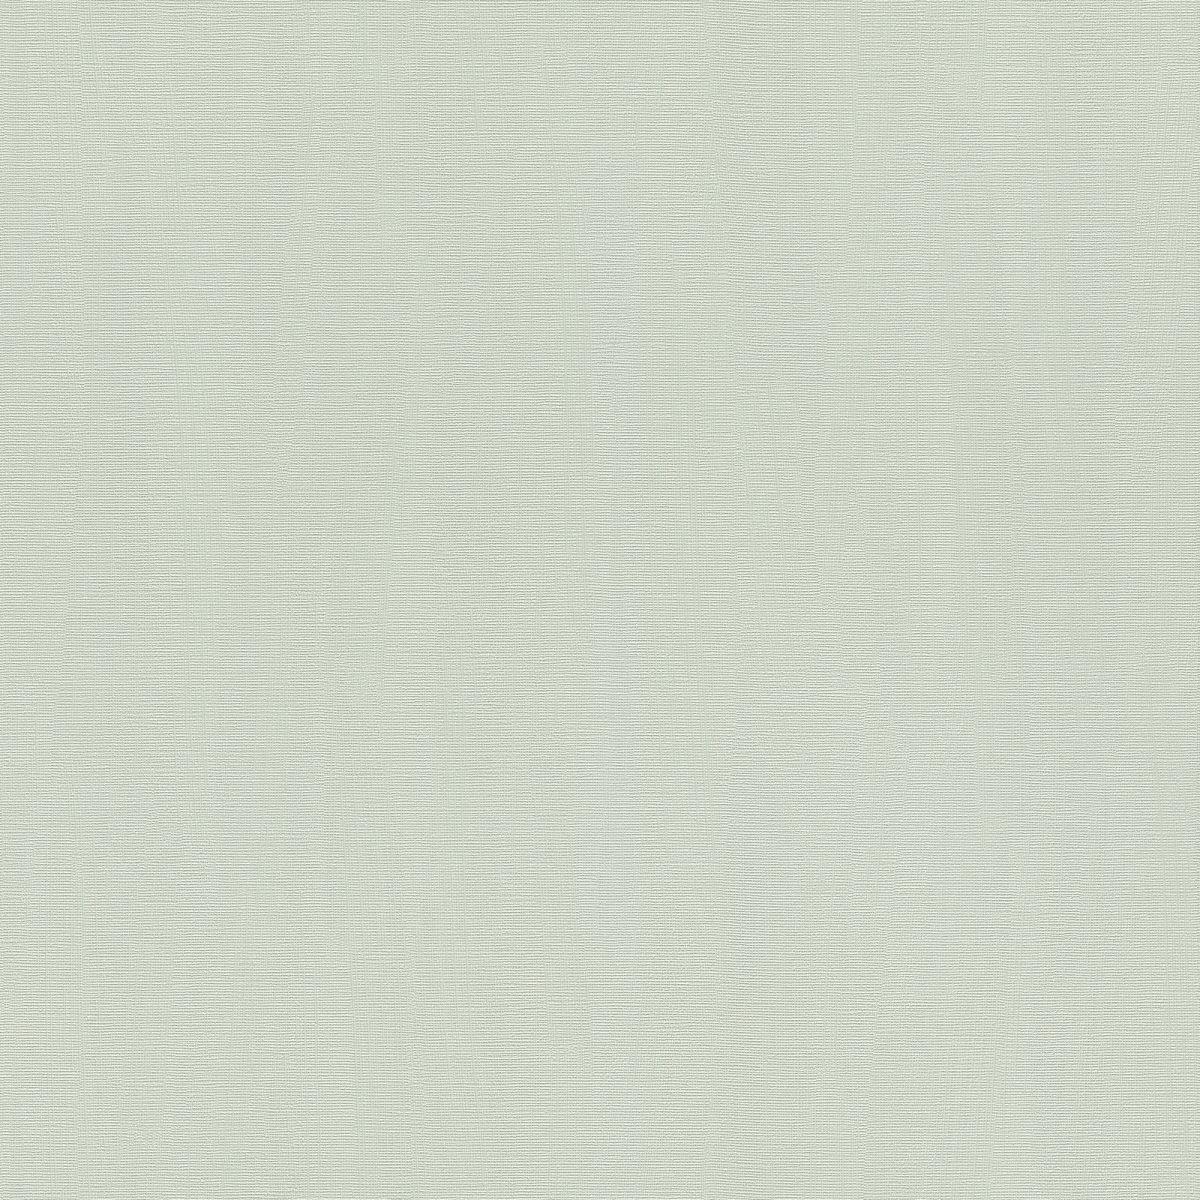 Papel mural verde claro HYDE PARK 411881 RASCH